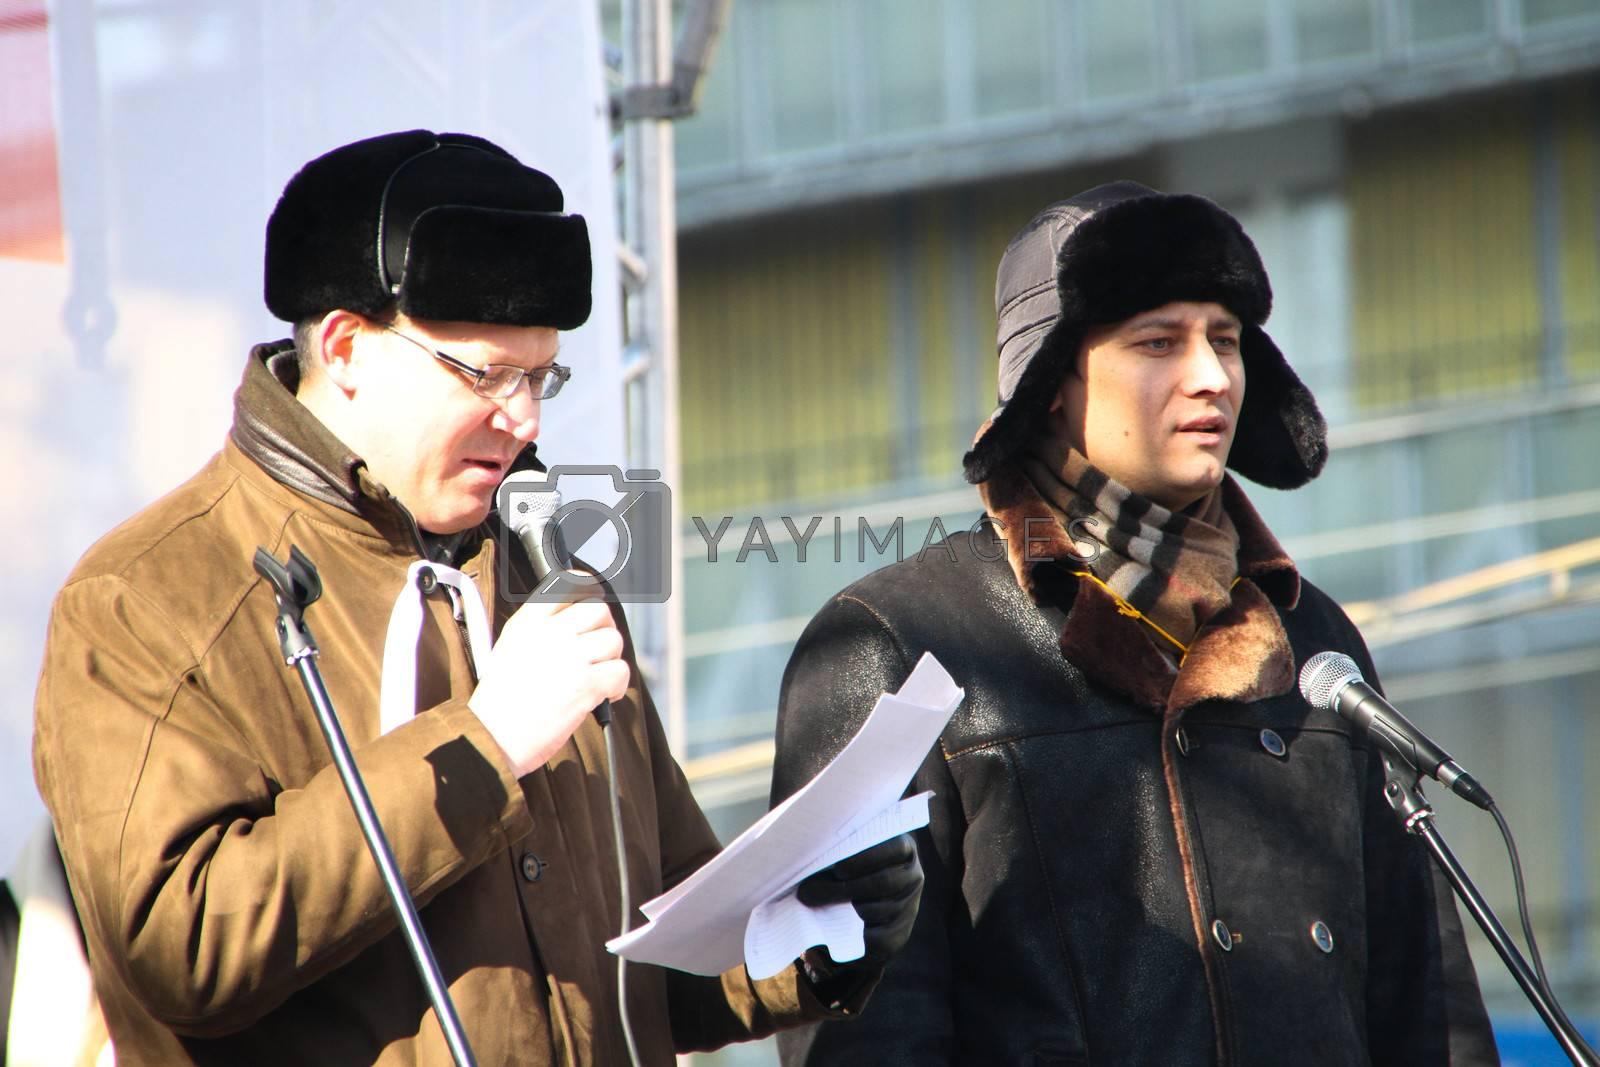 Policy Nikolay Ryzhkov and Dmitry Gudkov by olegkozyrev